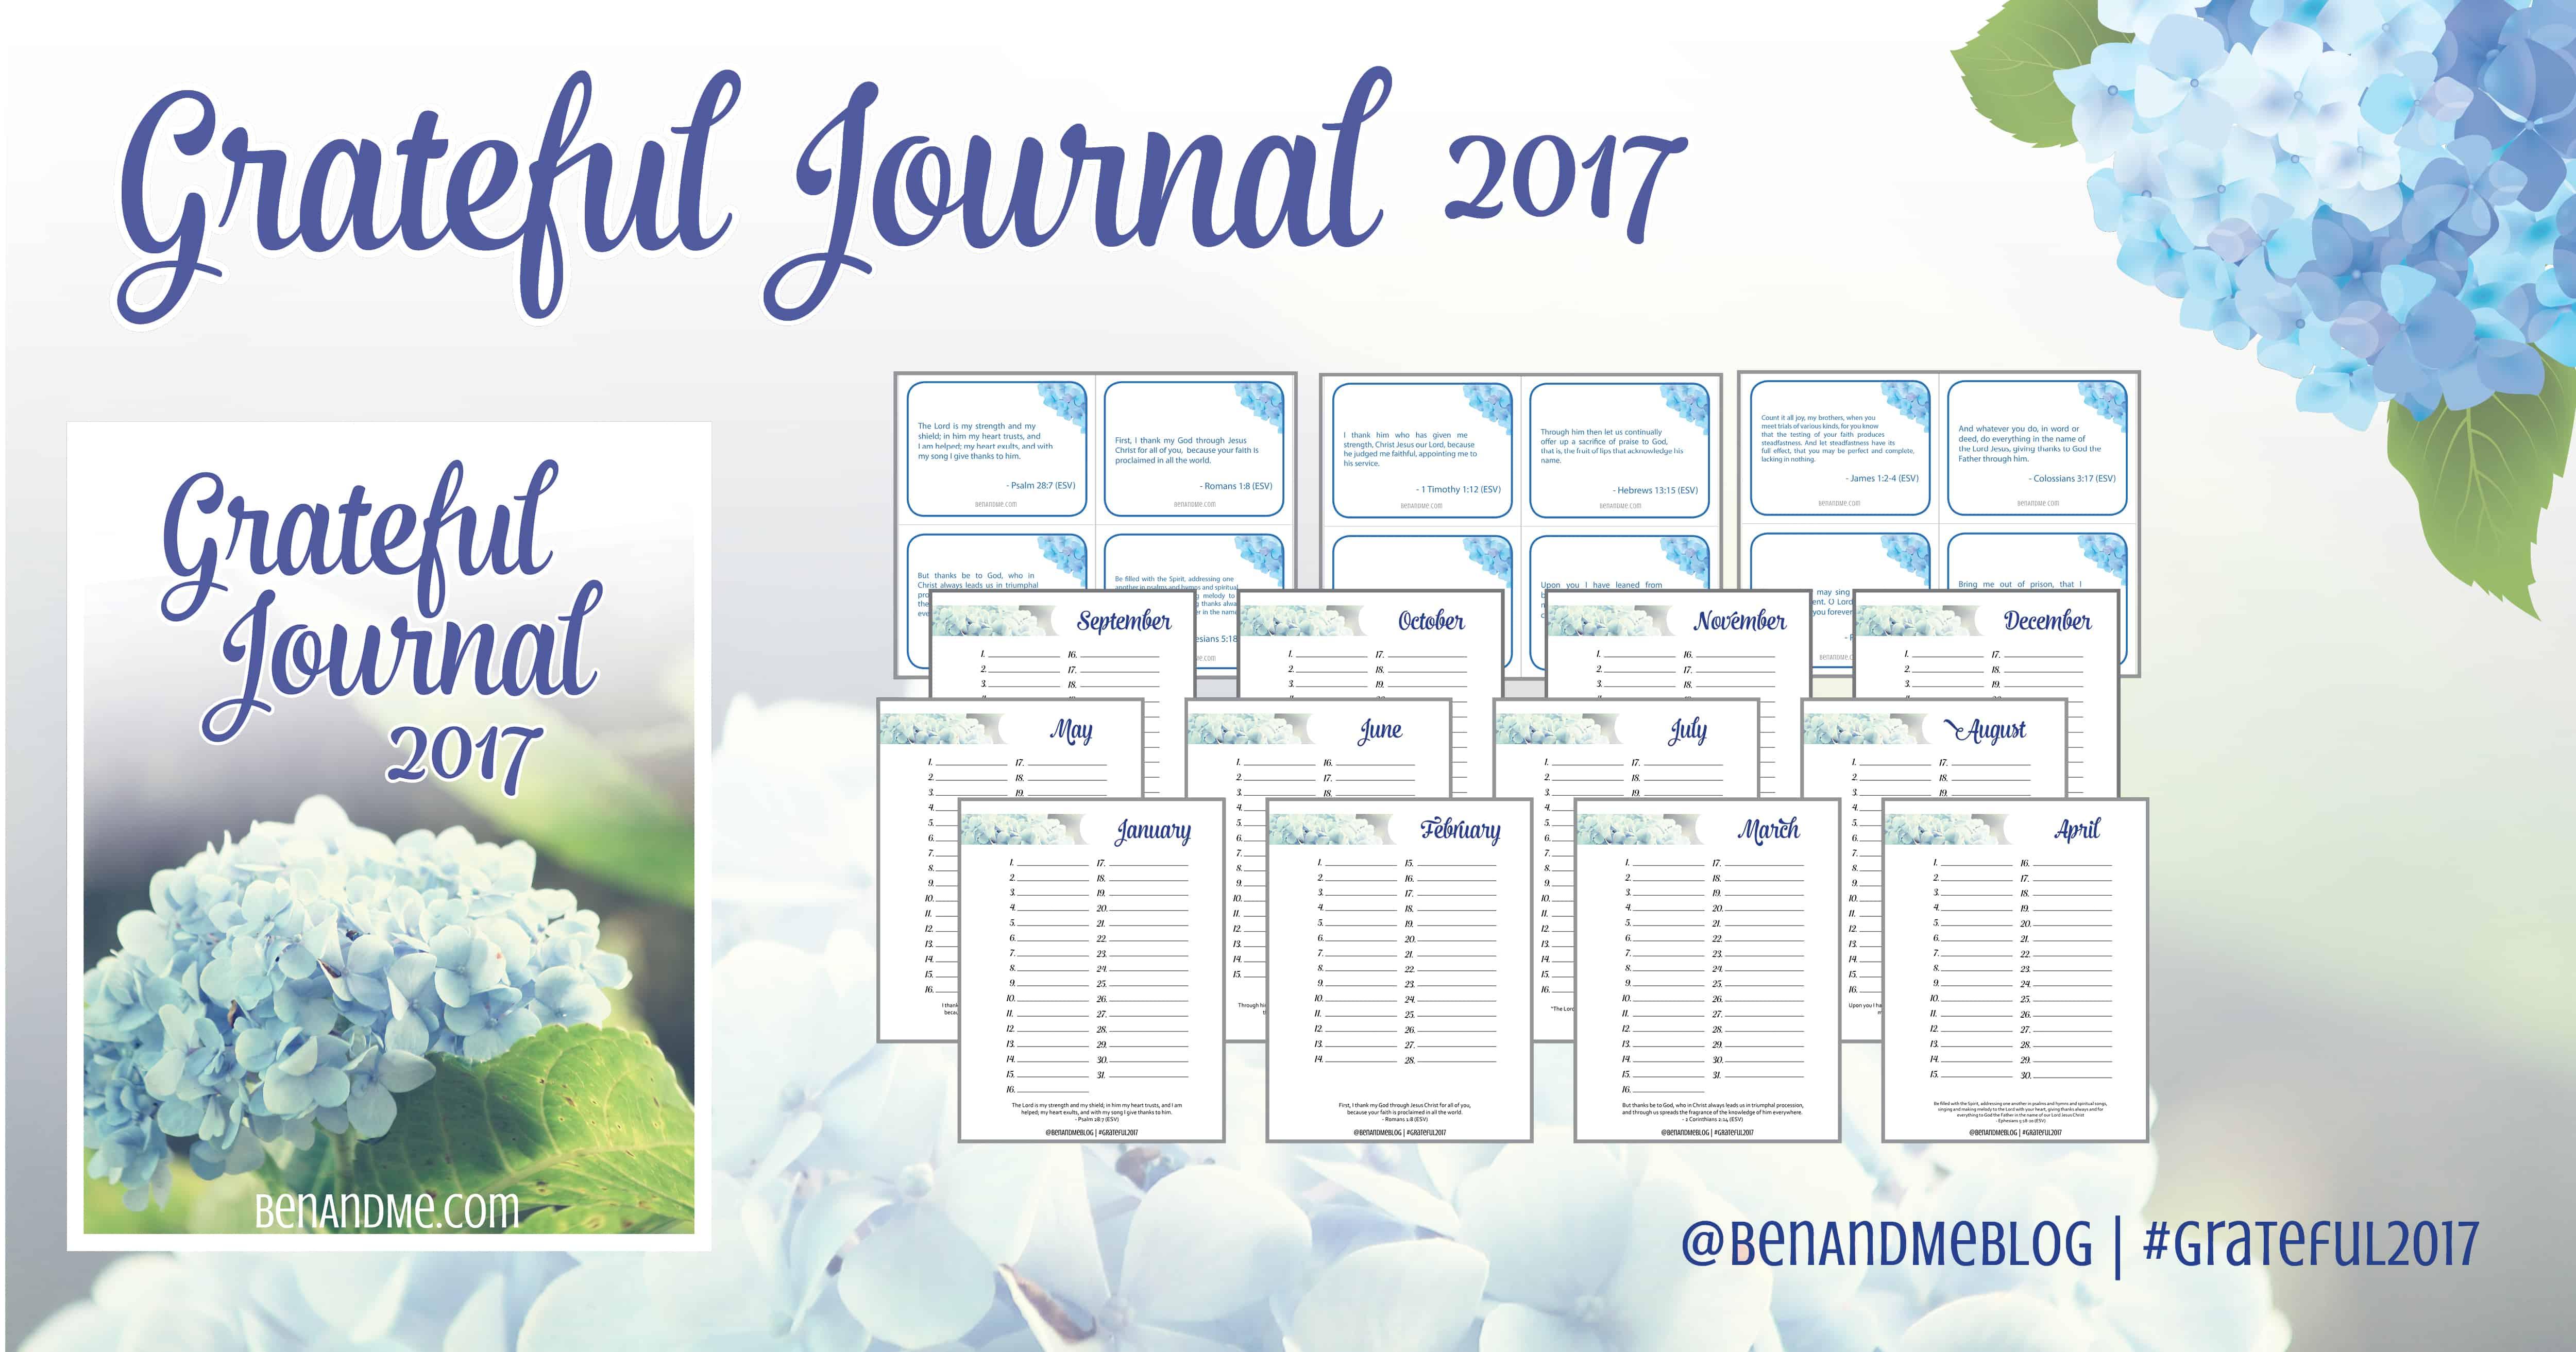 Grateful Journal 2017